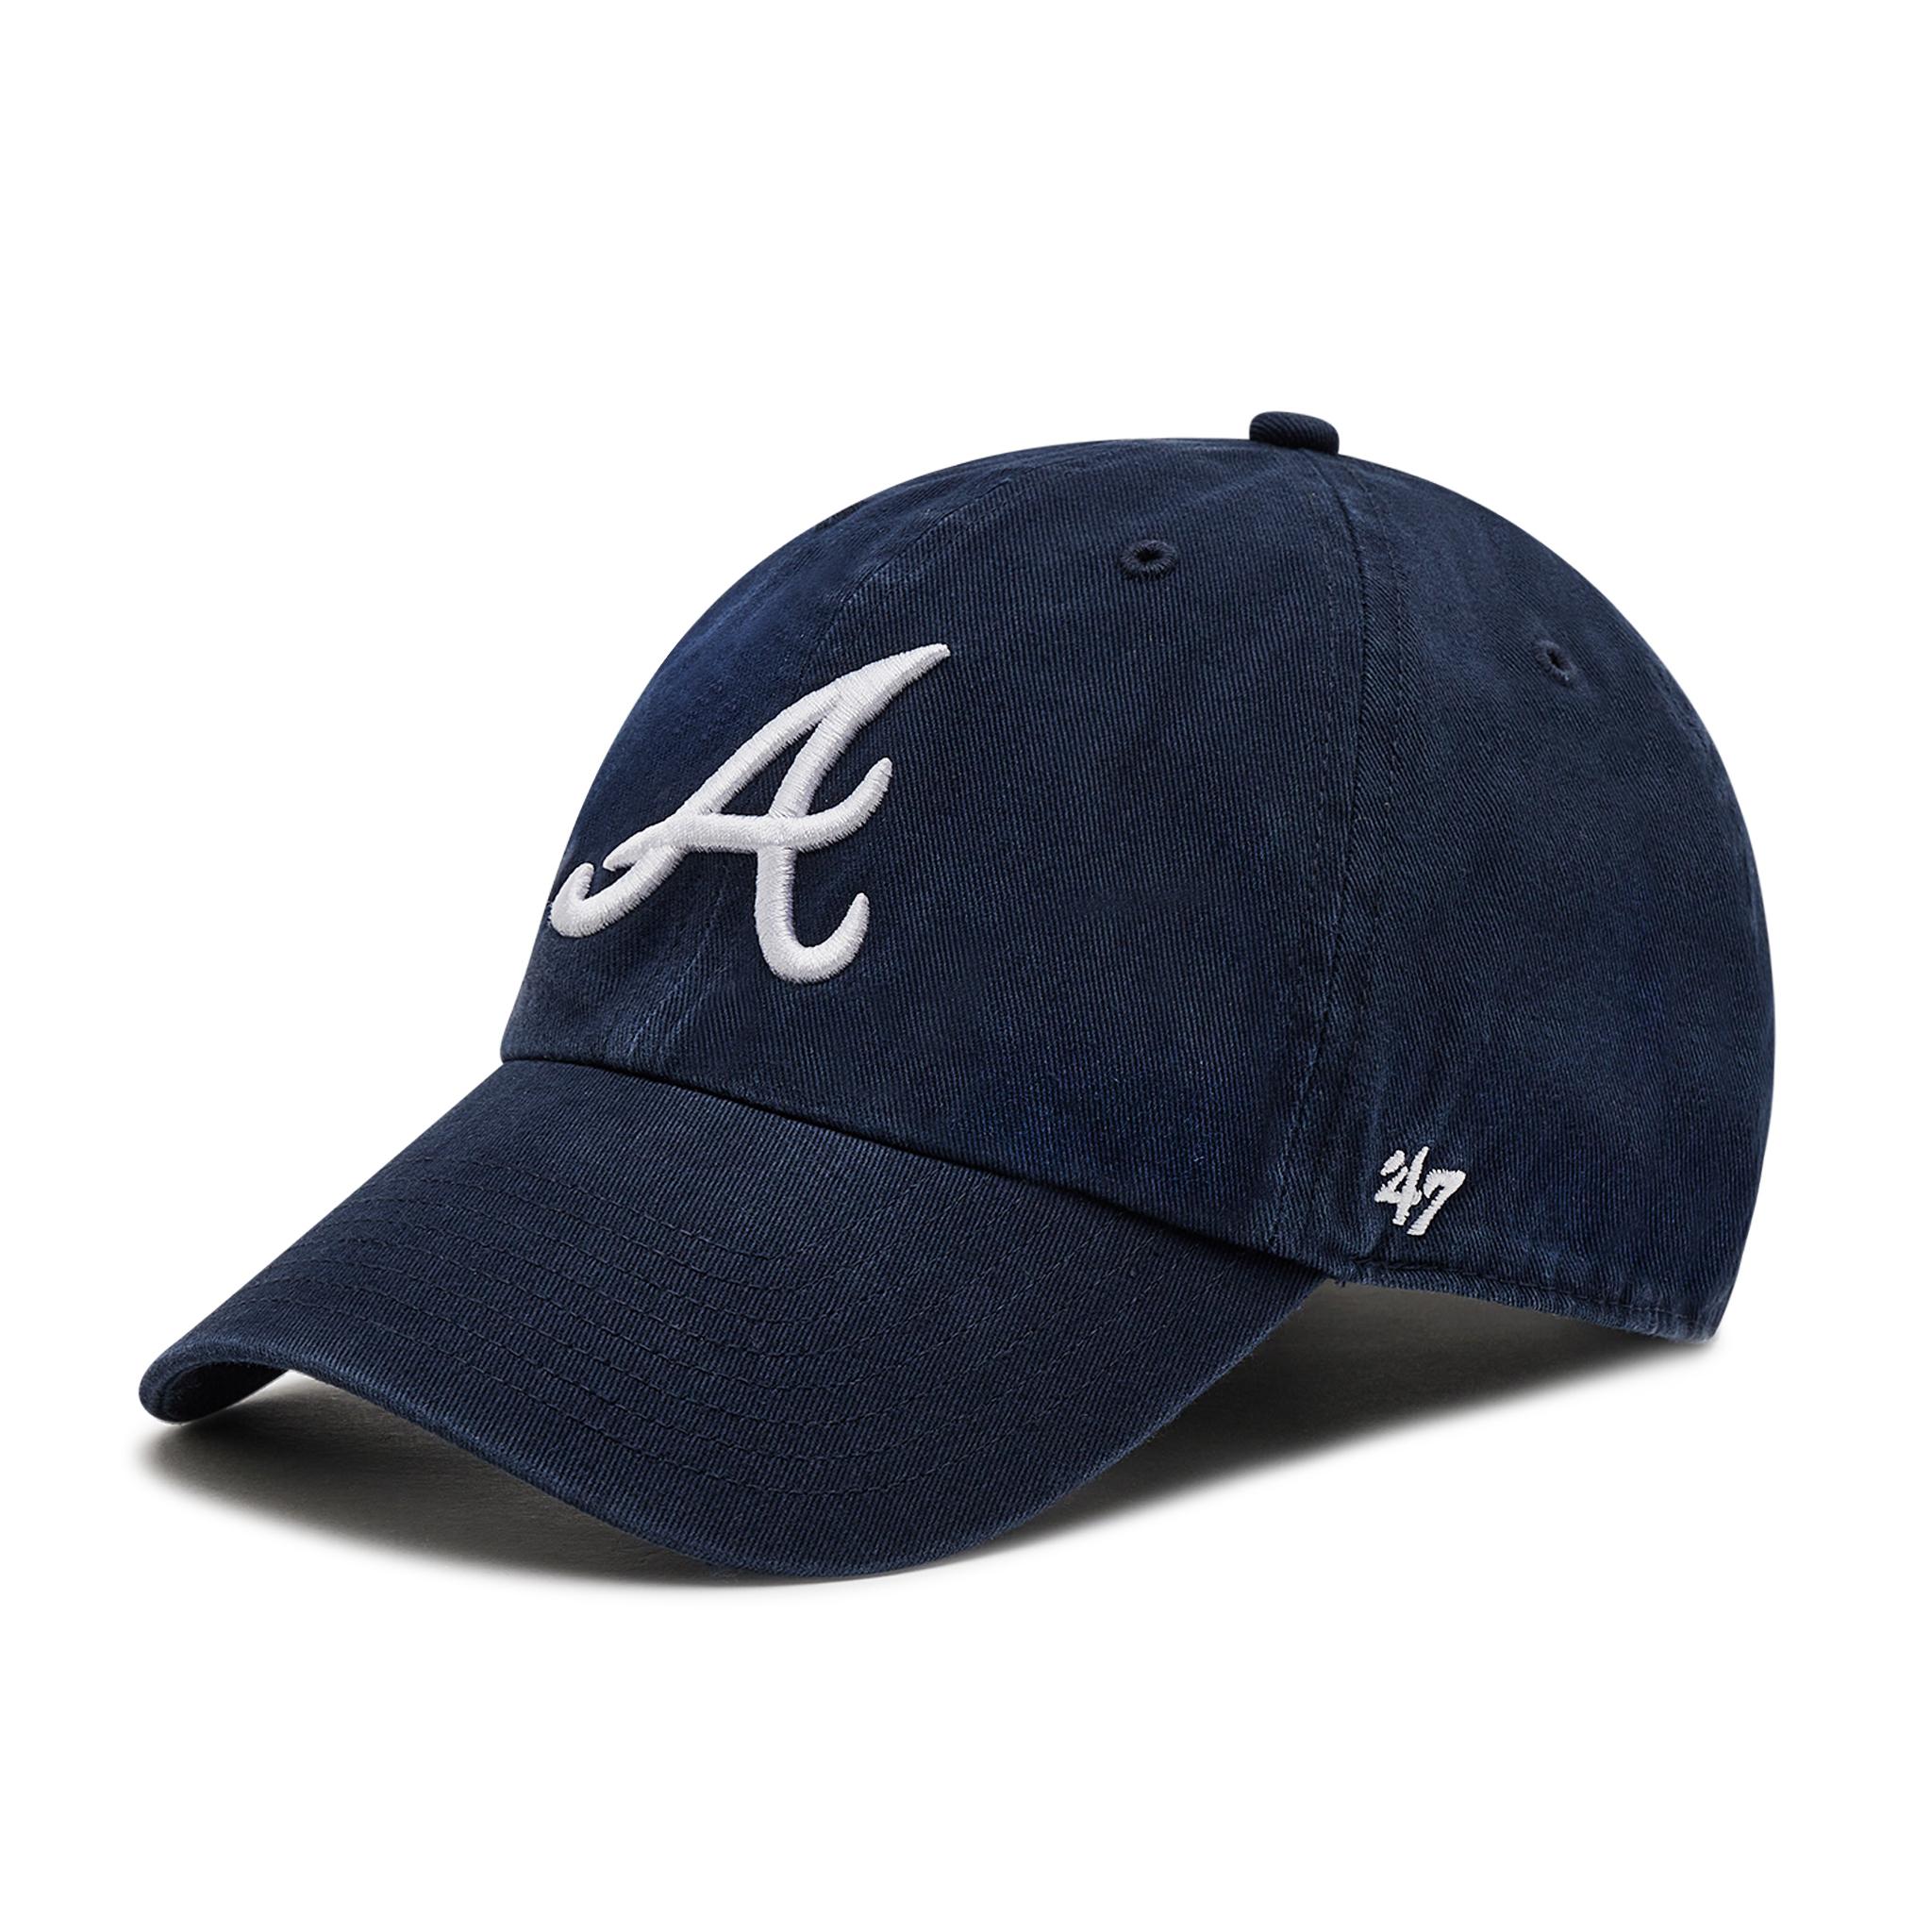 Image of Cap 47 BRAND - Brand Atlanta Braves B-RGW01GWS-RA Road